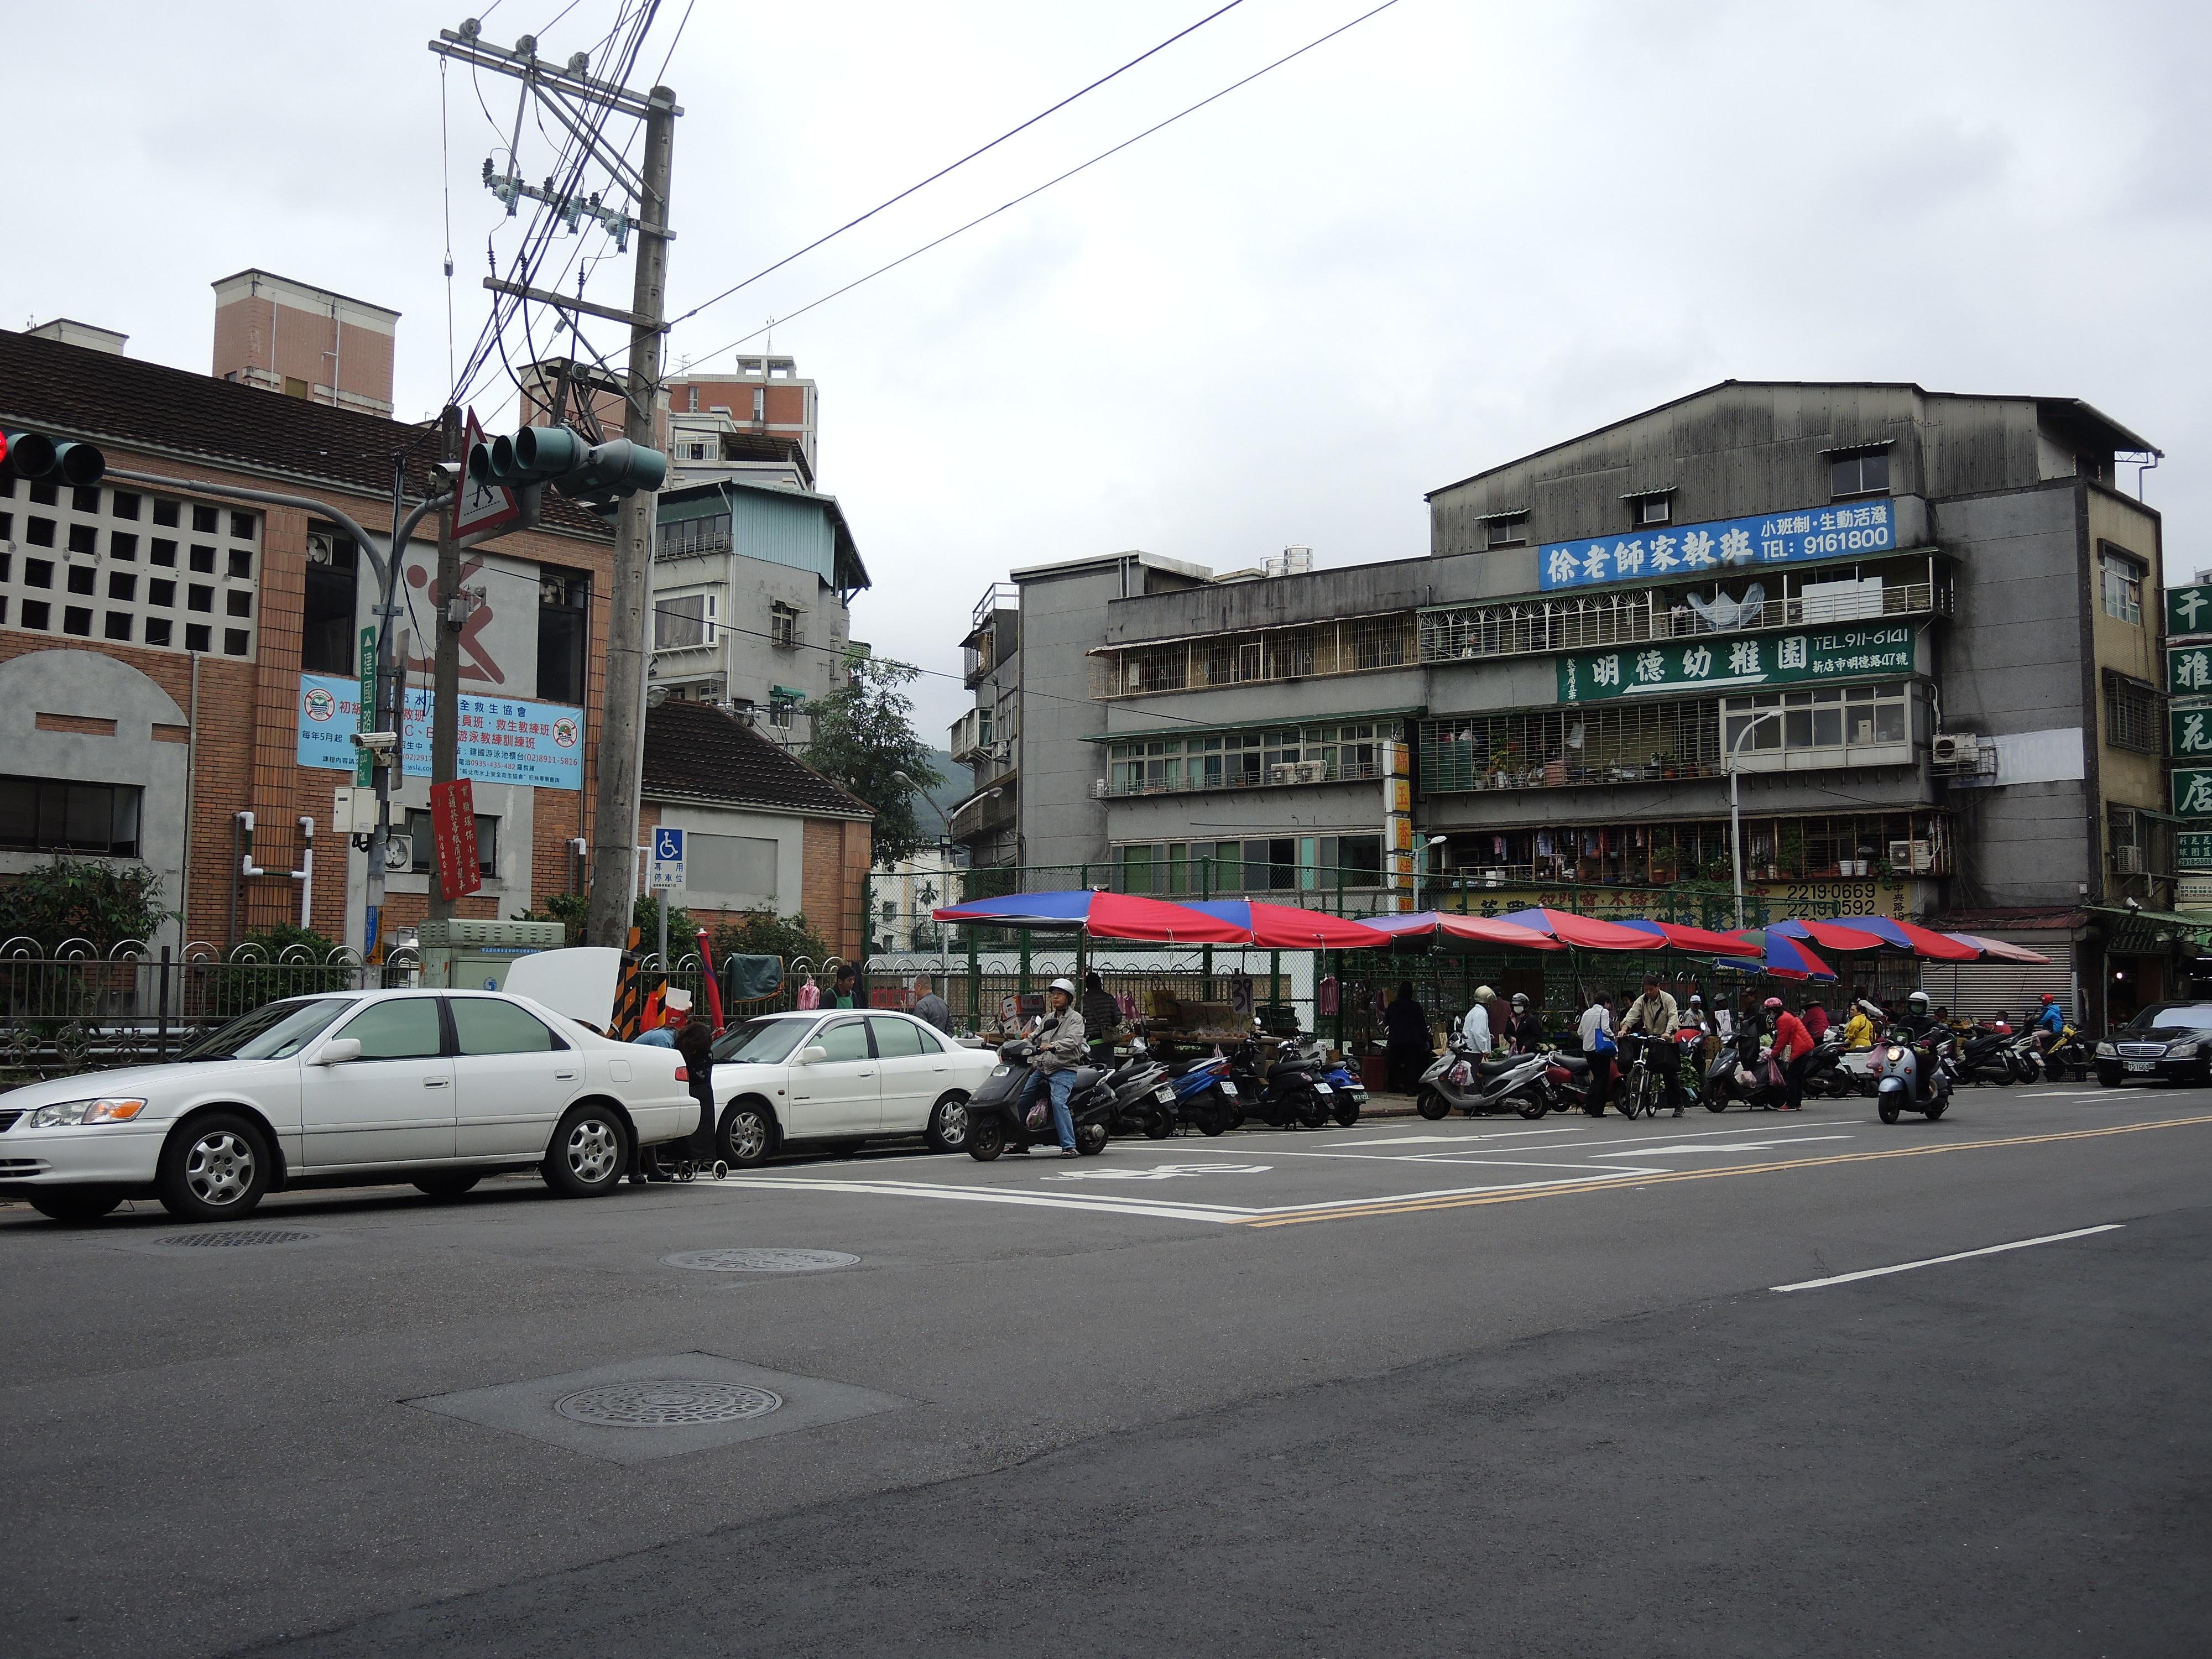 建國路集合攤販市場合法在人行道設攤,惟需保持一半的人行道供民眾通行。攝影/韋可琦